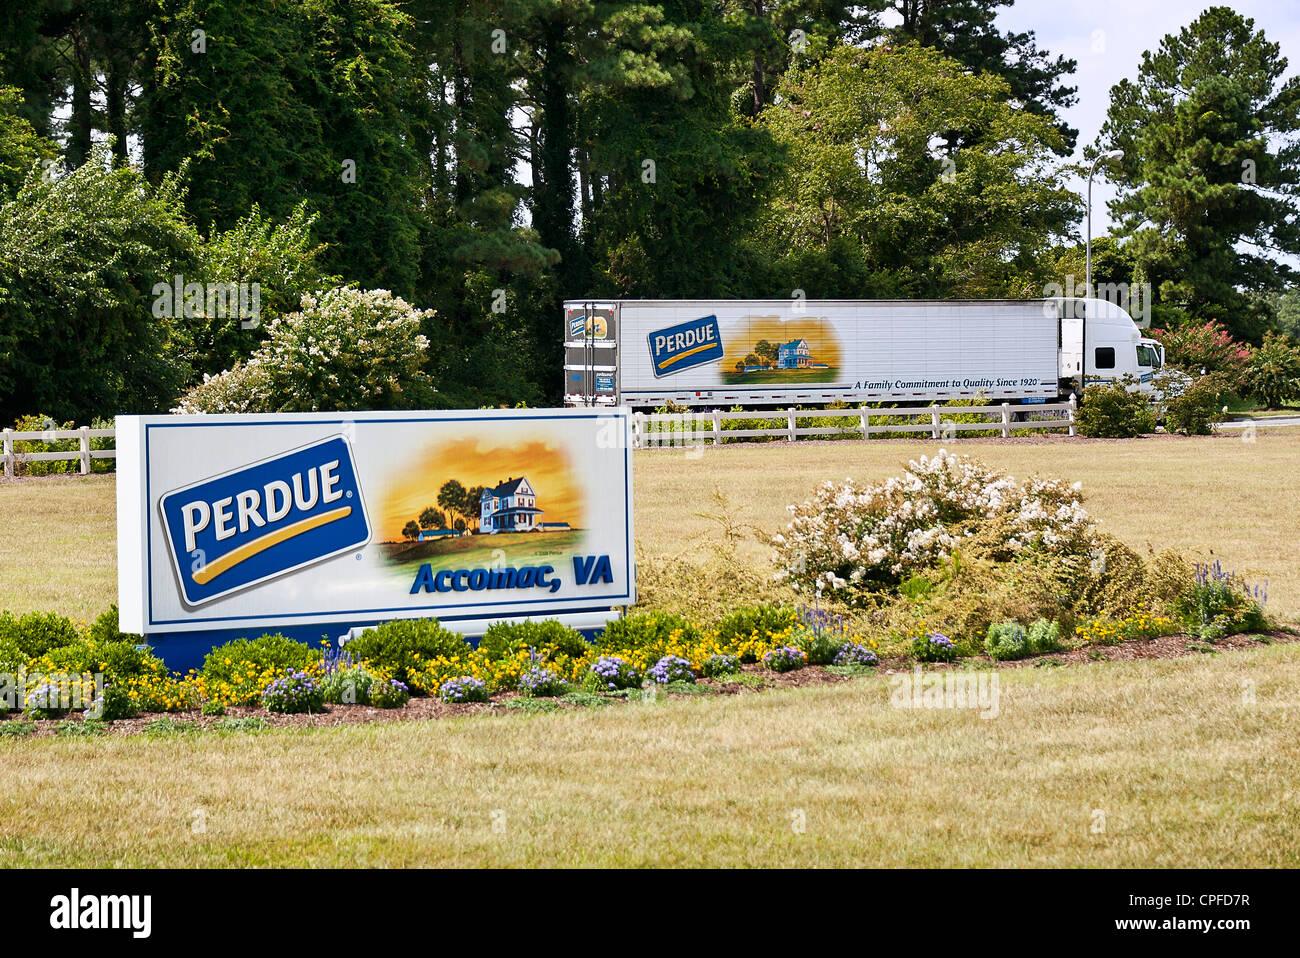 Perdue Farms, virginia, accomac Photo Stock